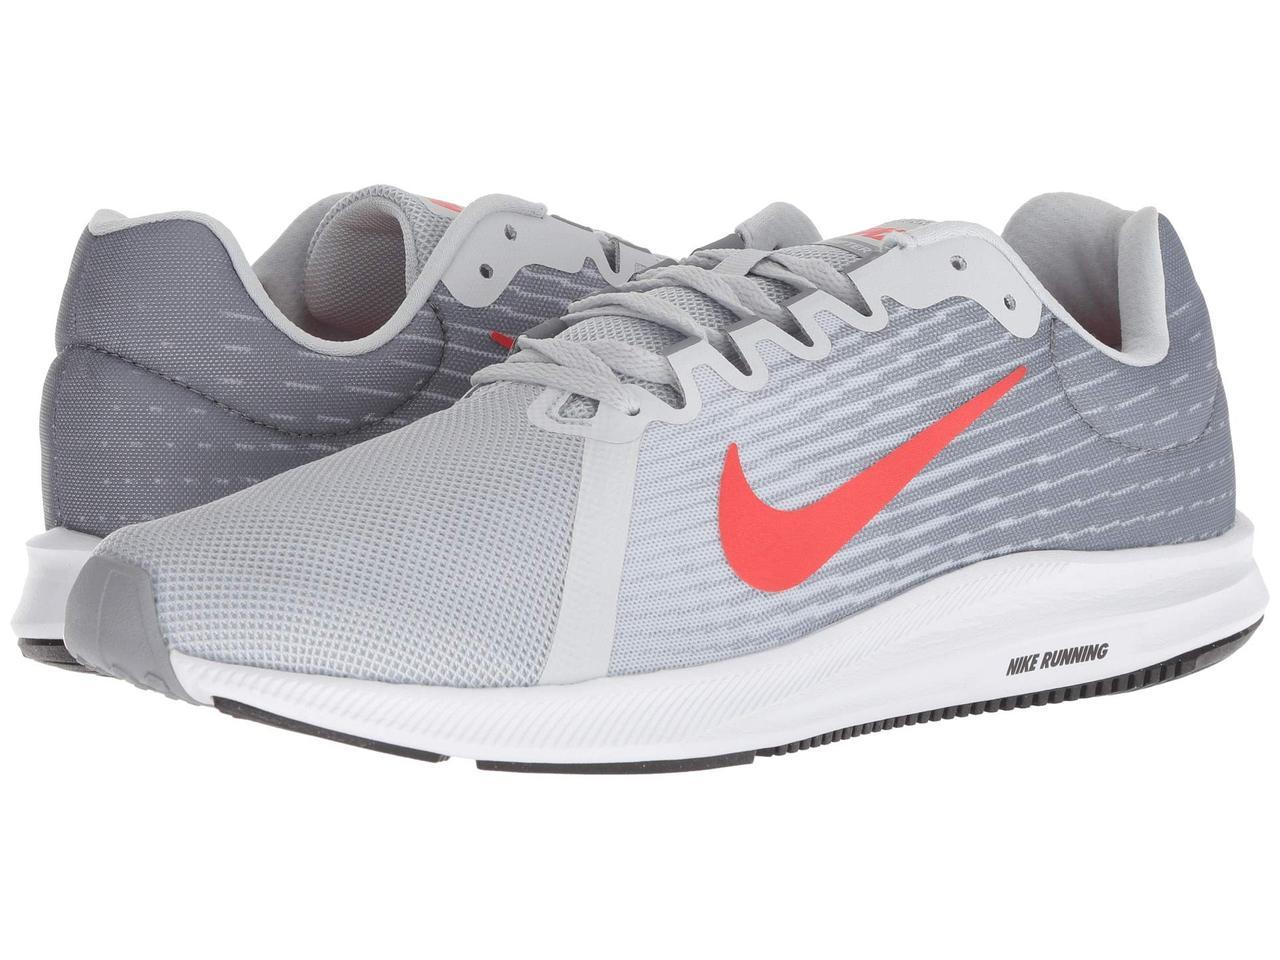 9bcb7b9d Кроссовки Nike Downshifter 8 Gray - Оригинал - FAIR - оригинальная одежда и  обувь в Луцке